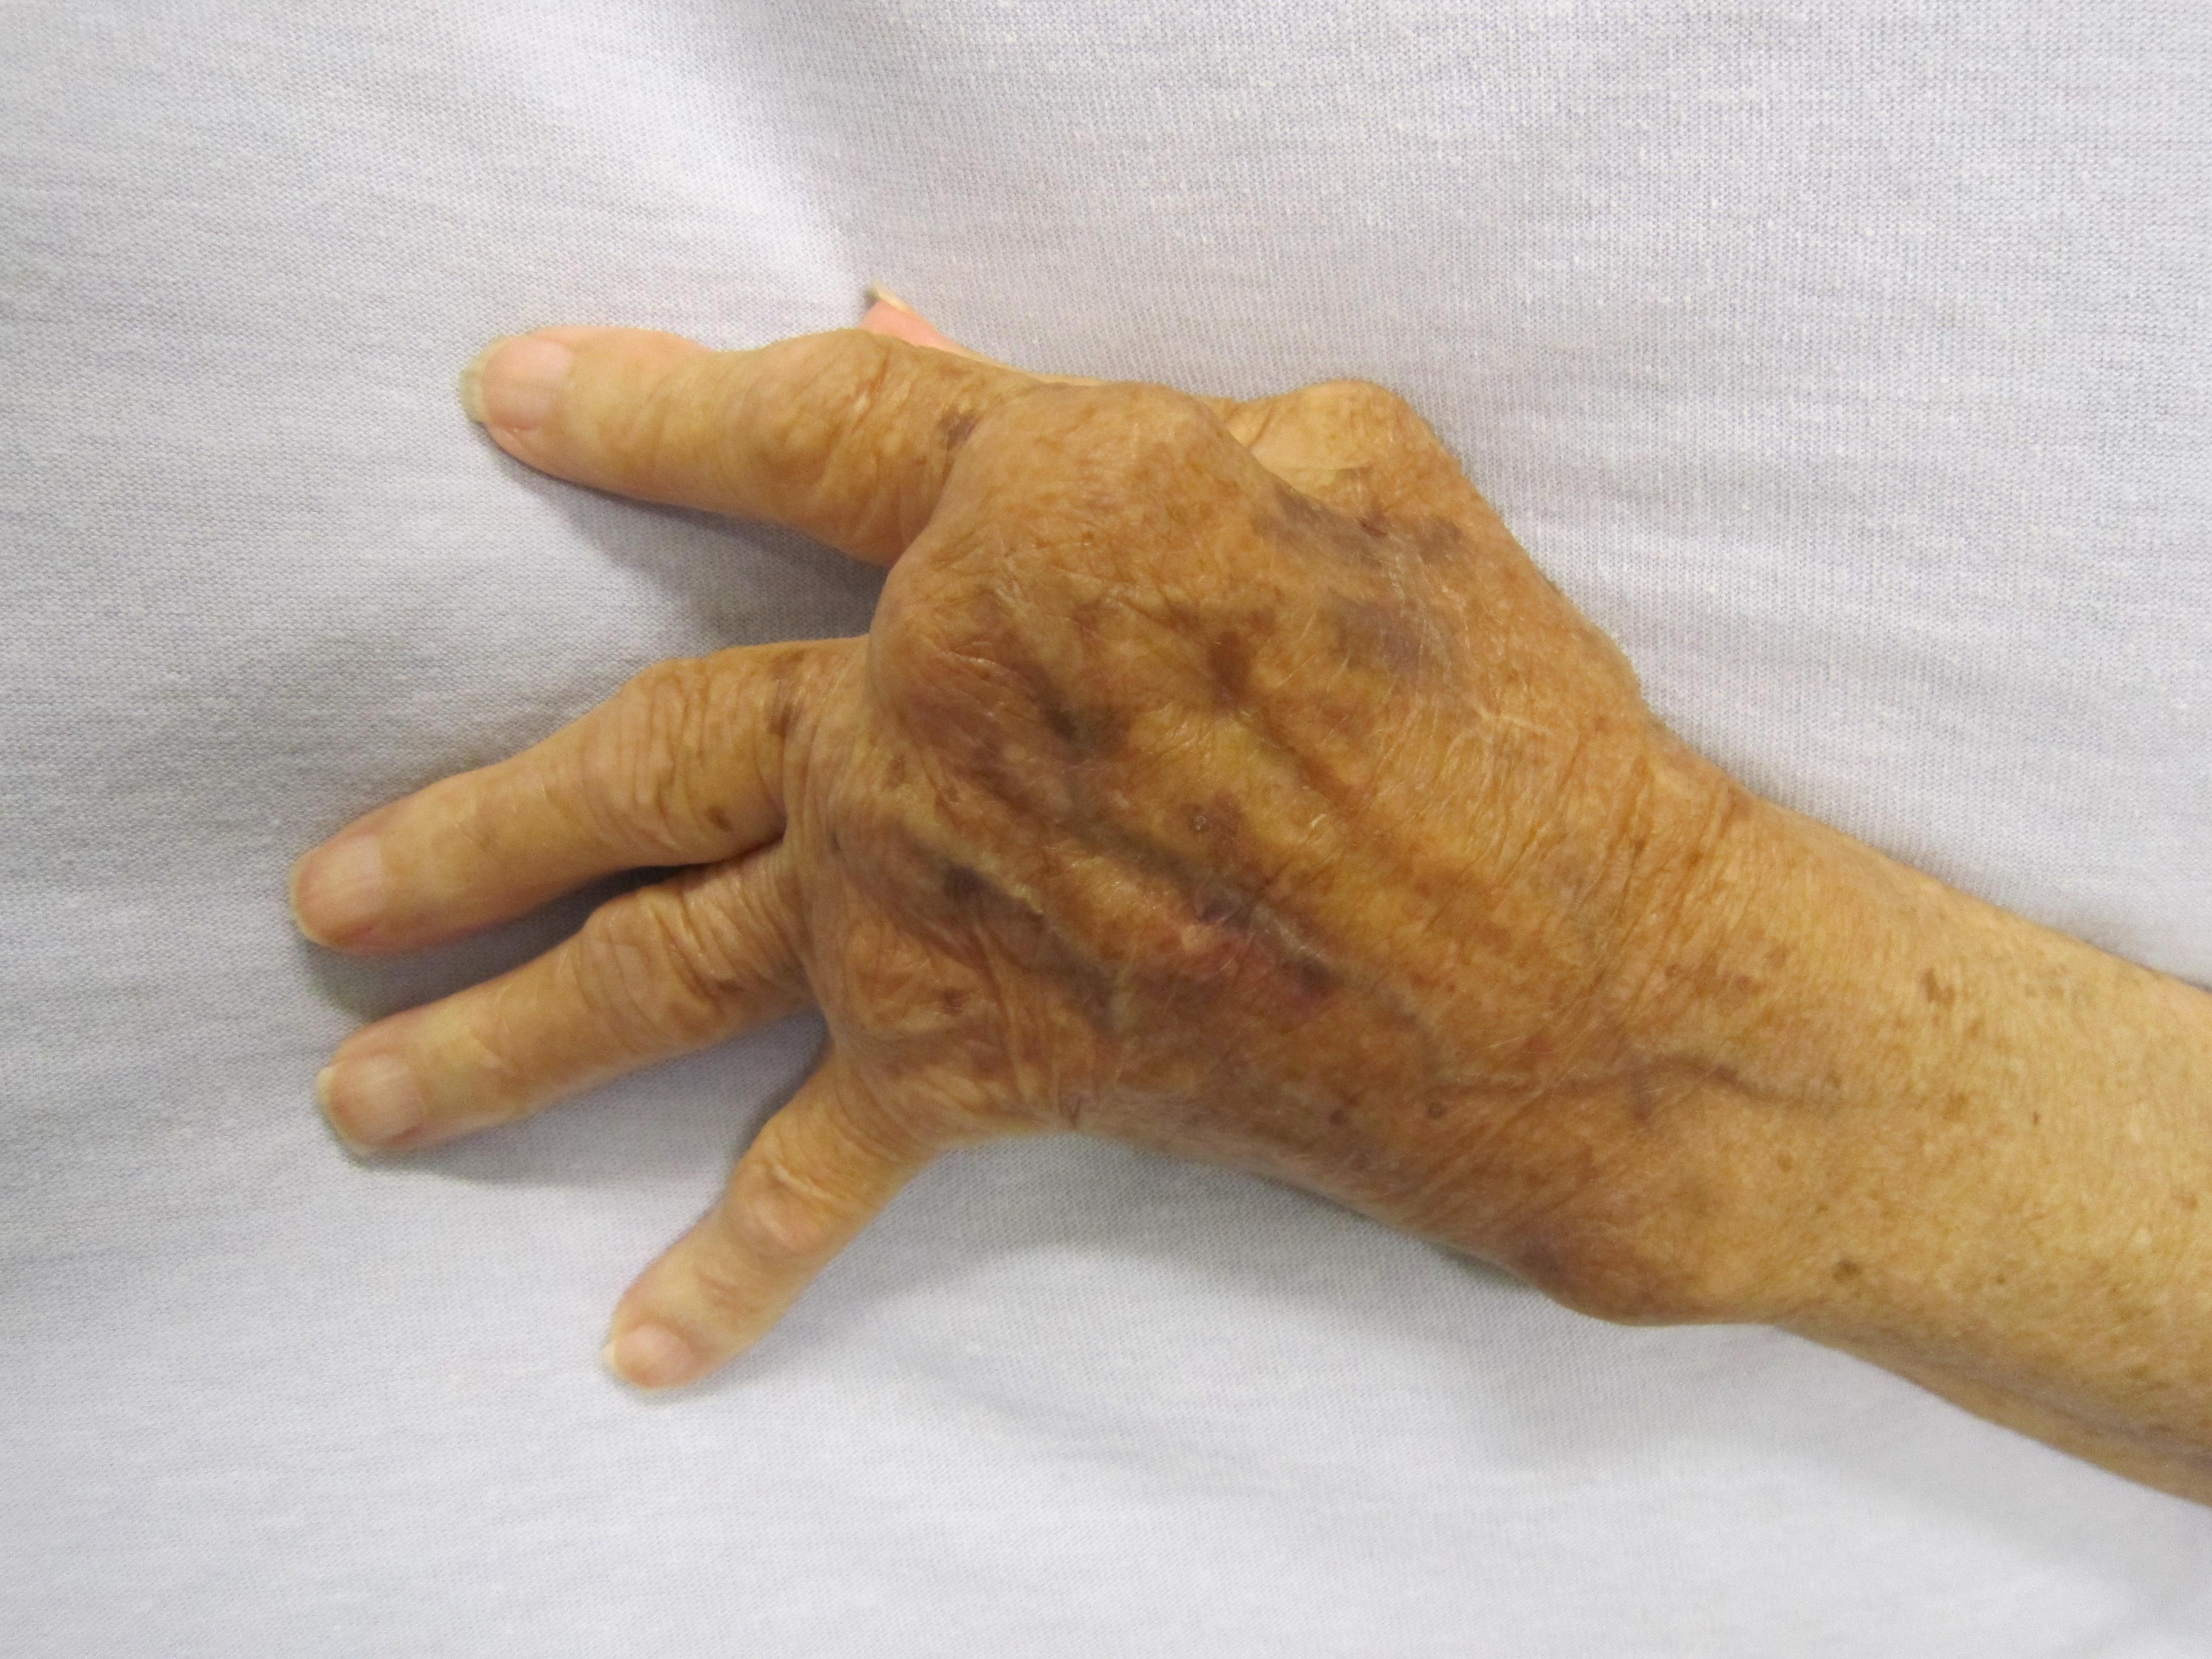 hatékony gyógyszer az ízületi gyulladásokra kóbor lábízületi fájdalom